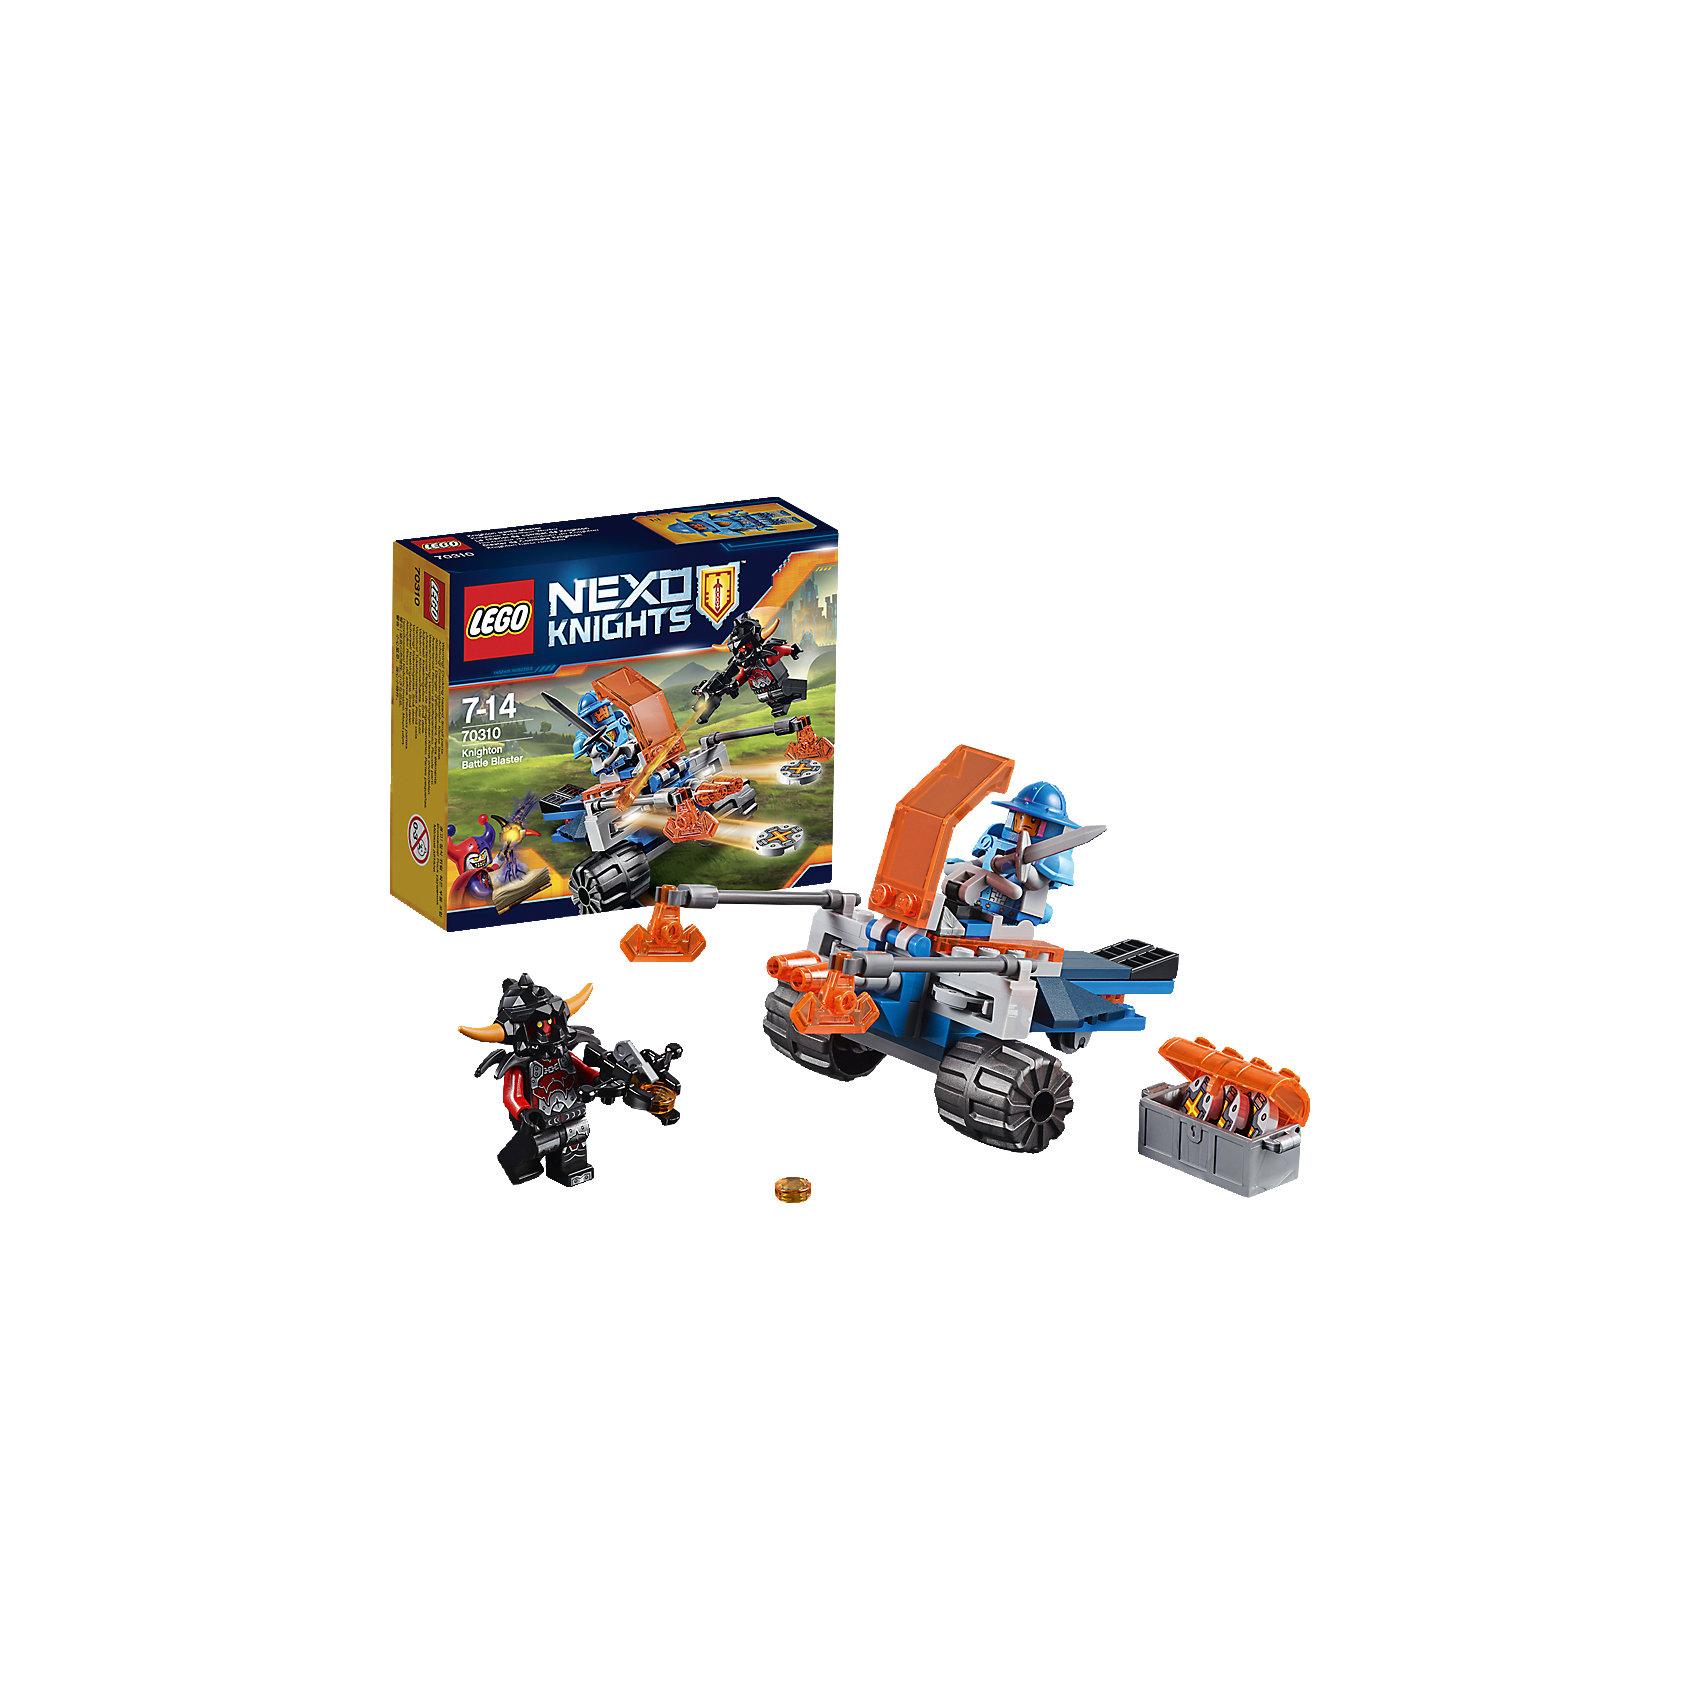 LEGO NEXO KNIGHTS 70310: Королевский боевой бластерНайди цель и стреляй! Направь двухдисковое орудие на зловещего Пеплометателя! Перезаряжай орудие, используя боеприпасы из сундука. Защити королевство любой ценой, искусно обращаясь с мечом и могучим топором.<br><br>LEGO Nexo Knights ( ЛЕГО Нексо Найт) - это невероятный мир прогресса и новых технологий, в котором все же нашлось место для настоящих рыцарей, магии и волшебства. Удивительное сочетание футуризма и средневековой романтики увлекает и детей, и взрослых, а множество наборов серии и высокая детализация позволяют создать свой волшебный мир Nexo Knights!<br><br>Дополнительная информация:<br><br>- Конструкторы ЛЕГО развивают усидчивость, внимание, фантазию и мелкую моторику. <br>- 2 фигурки: королевский солдат и Пеплометатель.<br>- Комплектация: 2 фигурки, бластер, сундук, аксессуары. <br>- Количество деталей: 76.<br>- Серия LEGO Nexo Knights (ЛЕГО Нексо Найт).<br>- Материал: пластик.<br>- Размер боевого бластера в собранном виде: 7х14х8 см.<br>- Размер упаковки: 14х4,6х12 см.<br>- Вес: 0.11 кг.<br><br>LEGO NEXO KNIGHTS 70310: Королевский боевой бластер можно купить в нашем магазине.<br><br>Ширина мм: 143<br>Глубина мм: 119<br>Высота мм: 45<br>Вес г: 109<br>Возраст от месяцев: 84<br>Возраст до месяцев: 168<br>Пол: Мужской<br>Возраст: Детский<br>SKU: 4258995